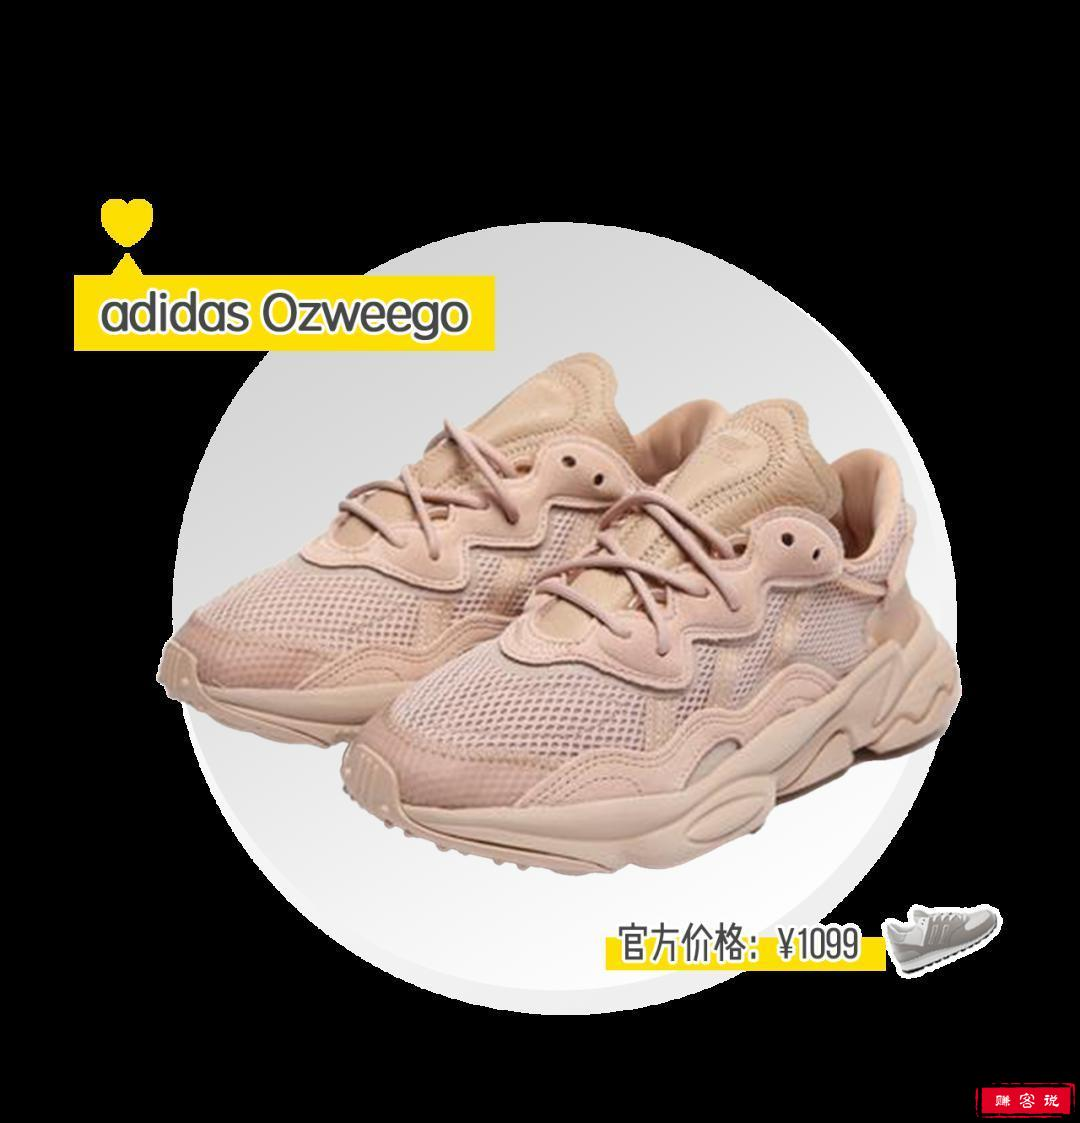 BLACKPINK、欧阳娜娜的最爱,adidas神仙鞋鞋大盘点